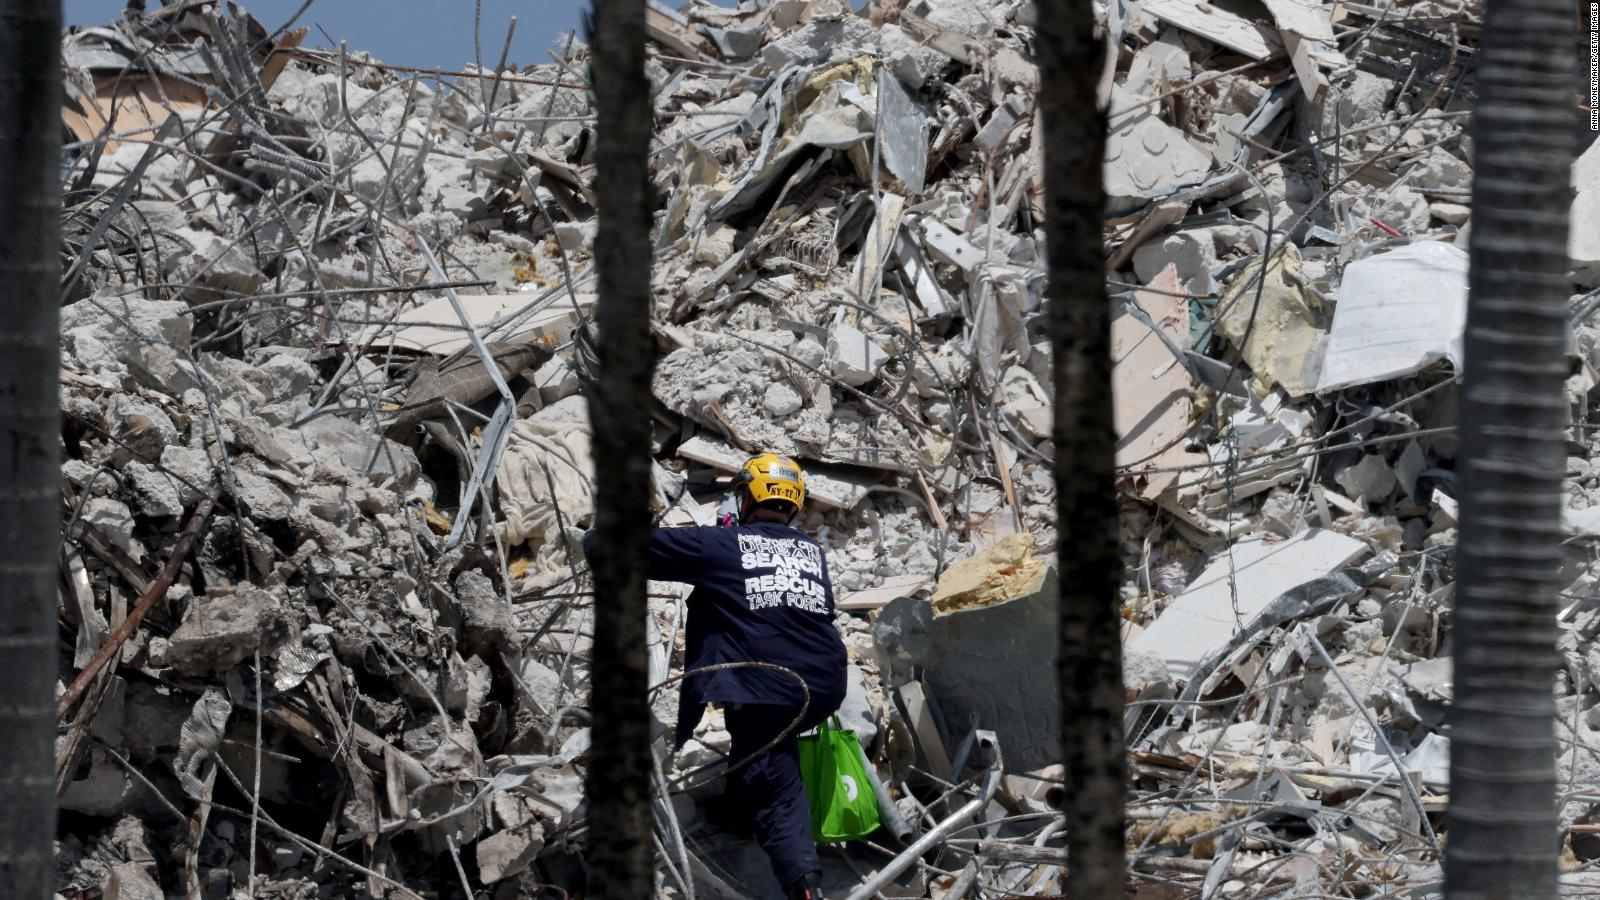 Asciende a 90 la cifra de muertes tras el derrumbe del edificio en Miami